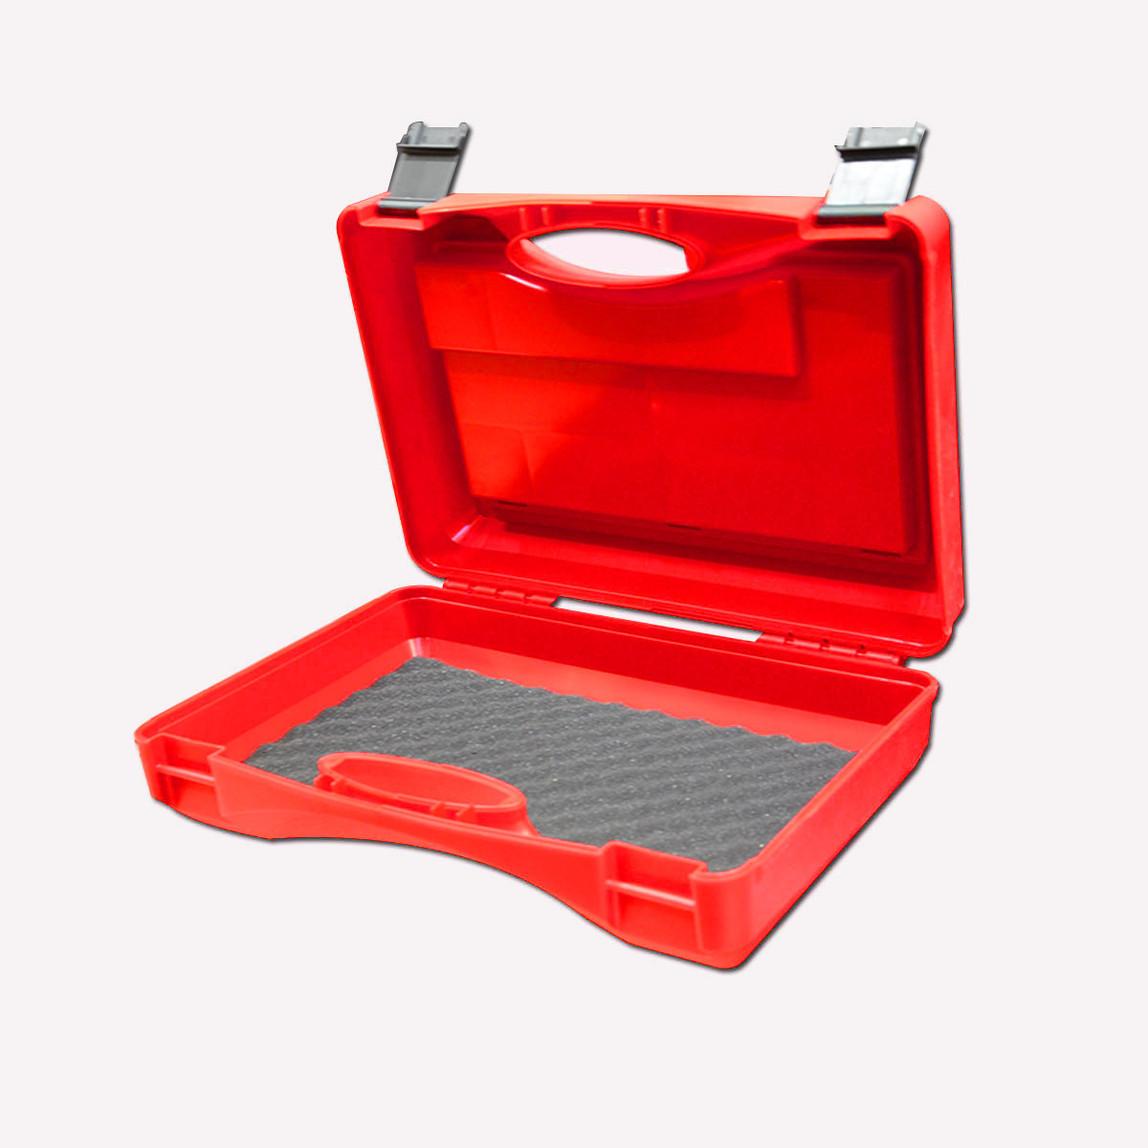 Lockweiler Universal Plastik Makine Çantası